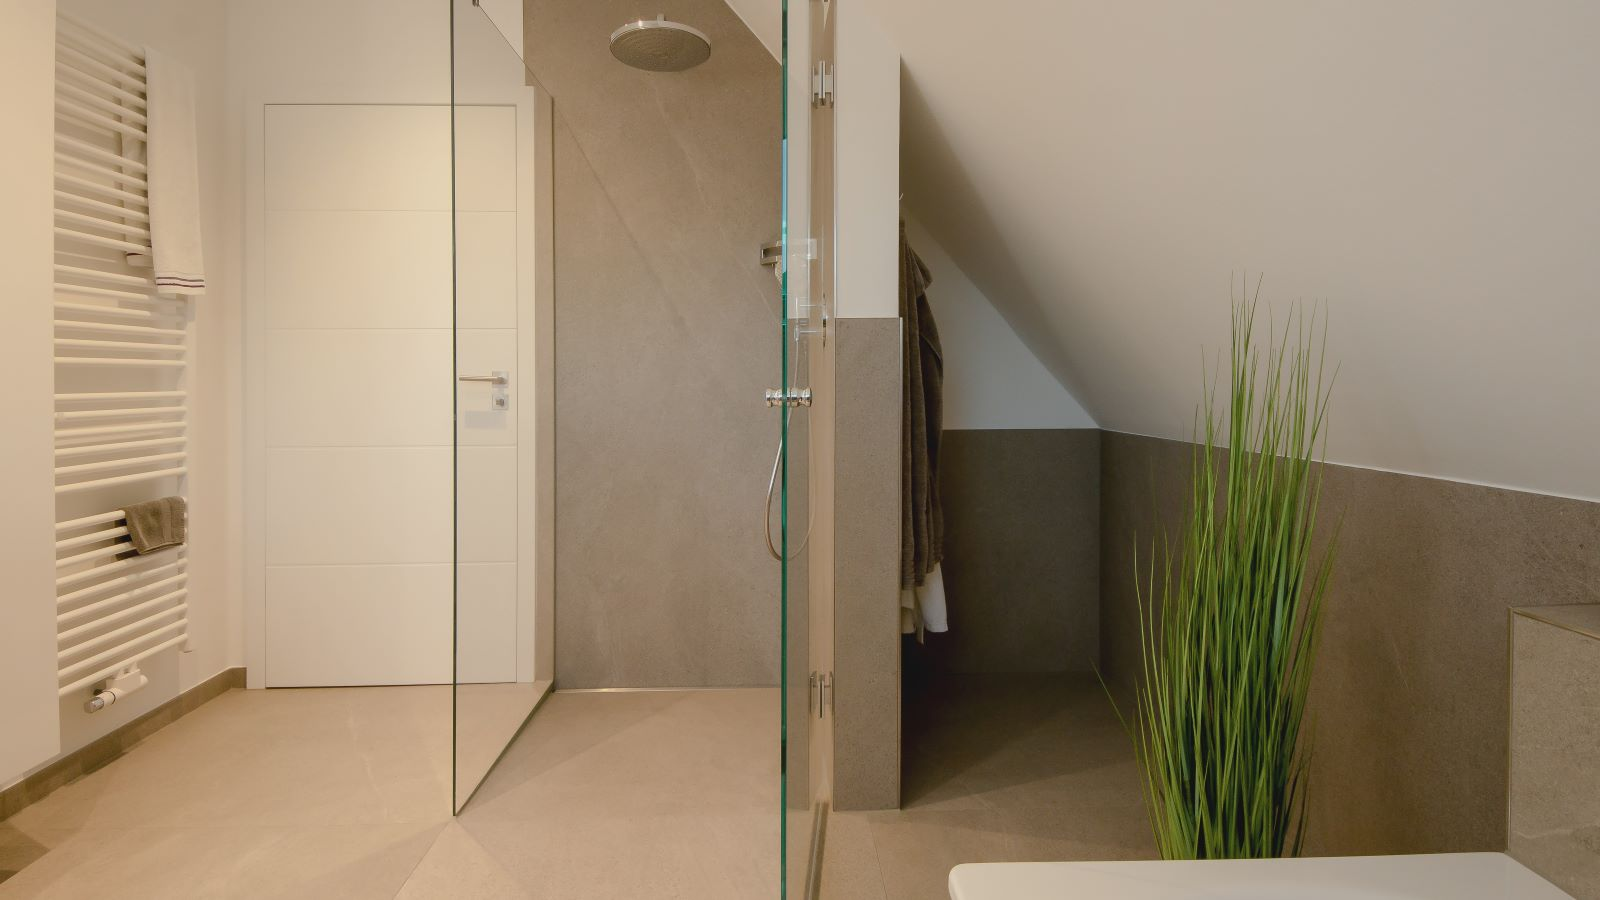 Abgebildet ist eine cm-genaue massanfertigung der hochwertigen v4a edelstahl-duschrinne pro. Sie ist wandbuendig in einer ebenerdigen dusche eingebaut. Hier erlaubt die sehr flache duschrinne pro eine sehr gute duschentwaesserung.